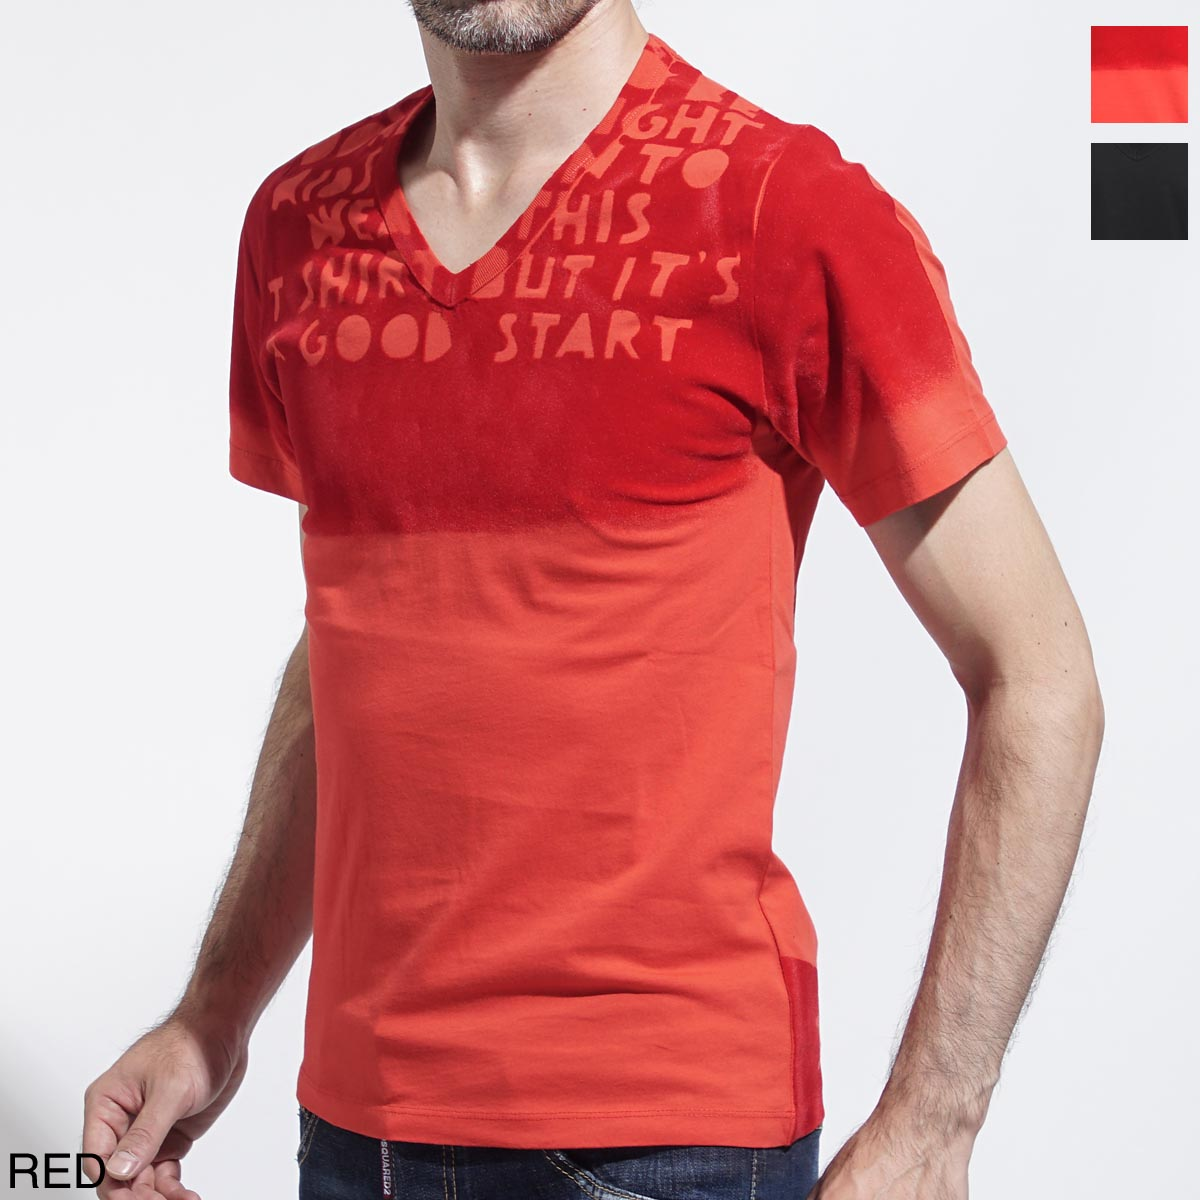 【アウトレット】メゾンマルジェラ Maison Margiela Vネック Tシャツ メンズ カットソー プリント デザイン s30gj0007 s20299 968【あす楽対応_関東】【返品送料無料】【ラッピング無料】